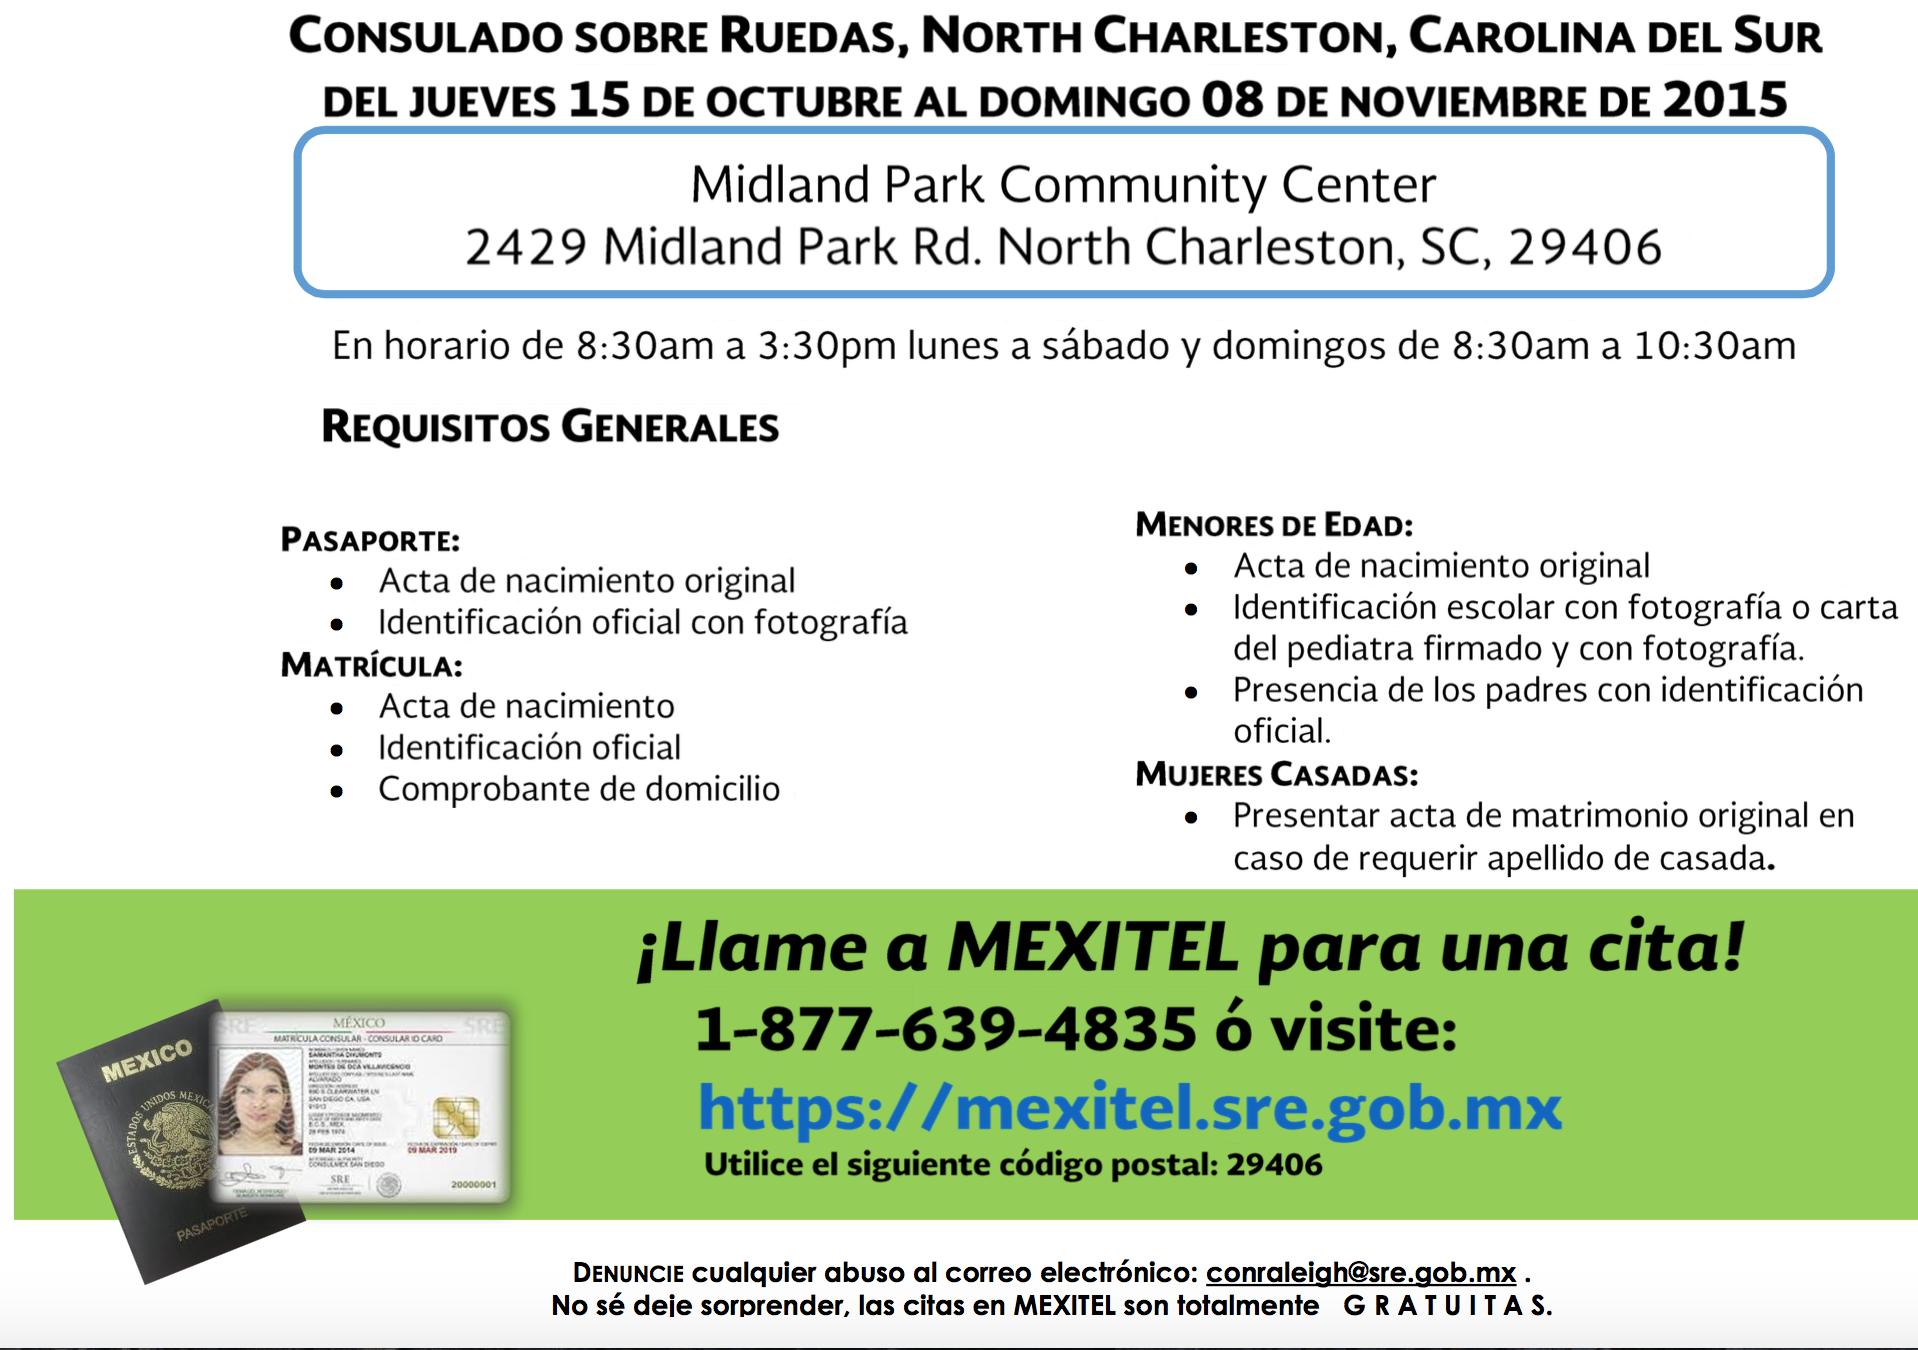 Consulado Móvil Mexicano llegará a North Charleston 7 y 8 de mayo ...